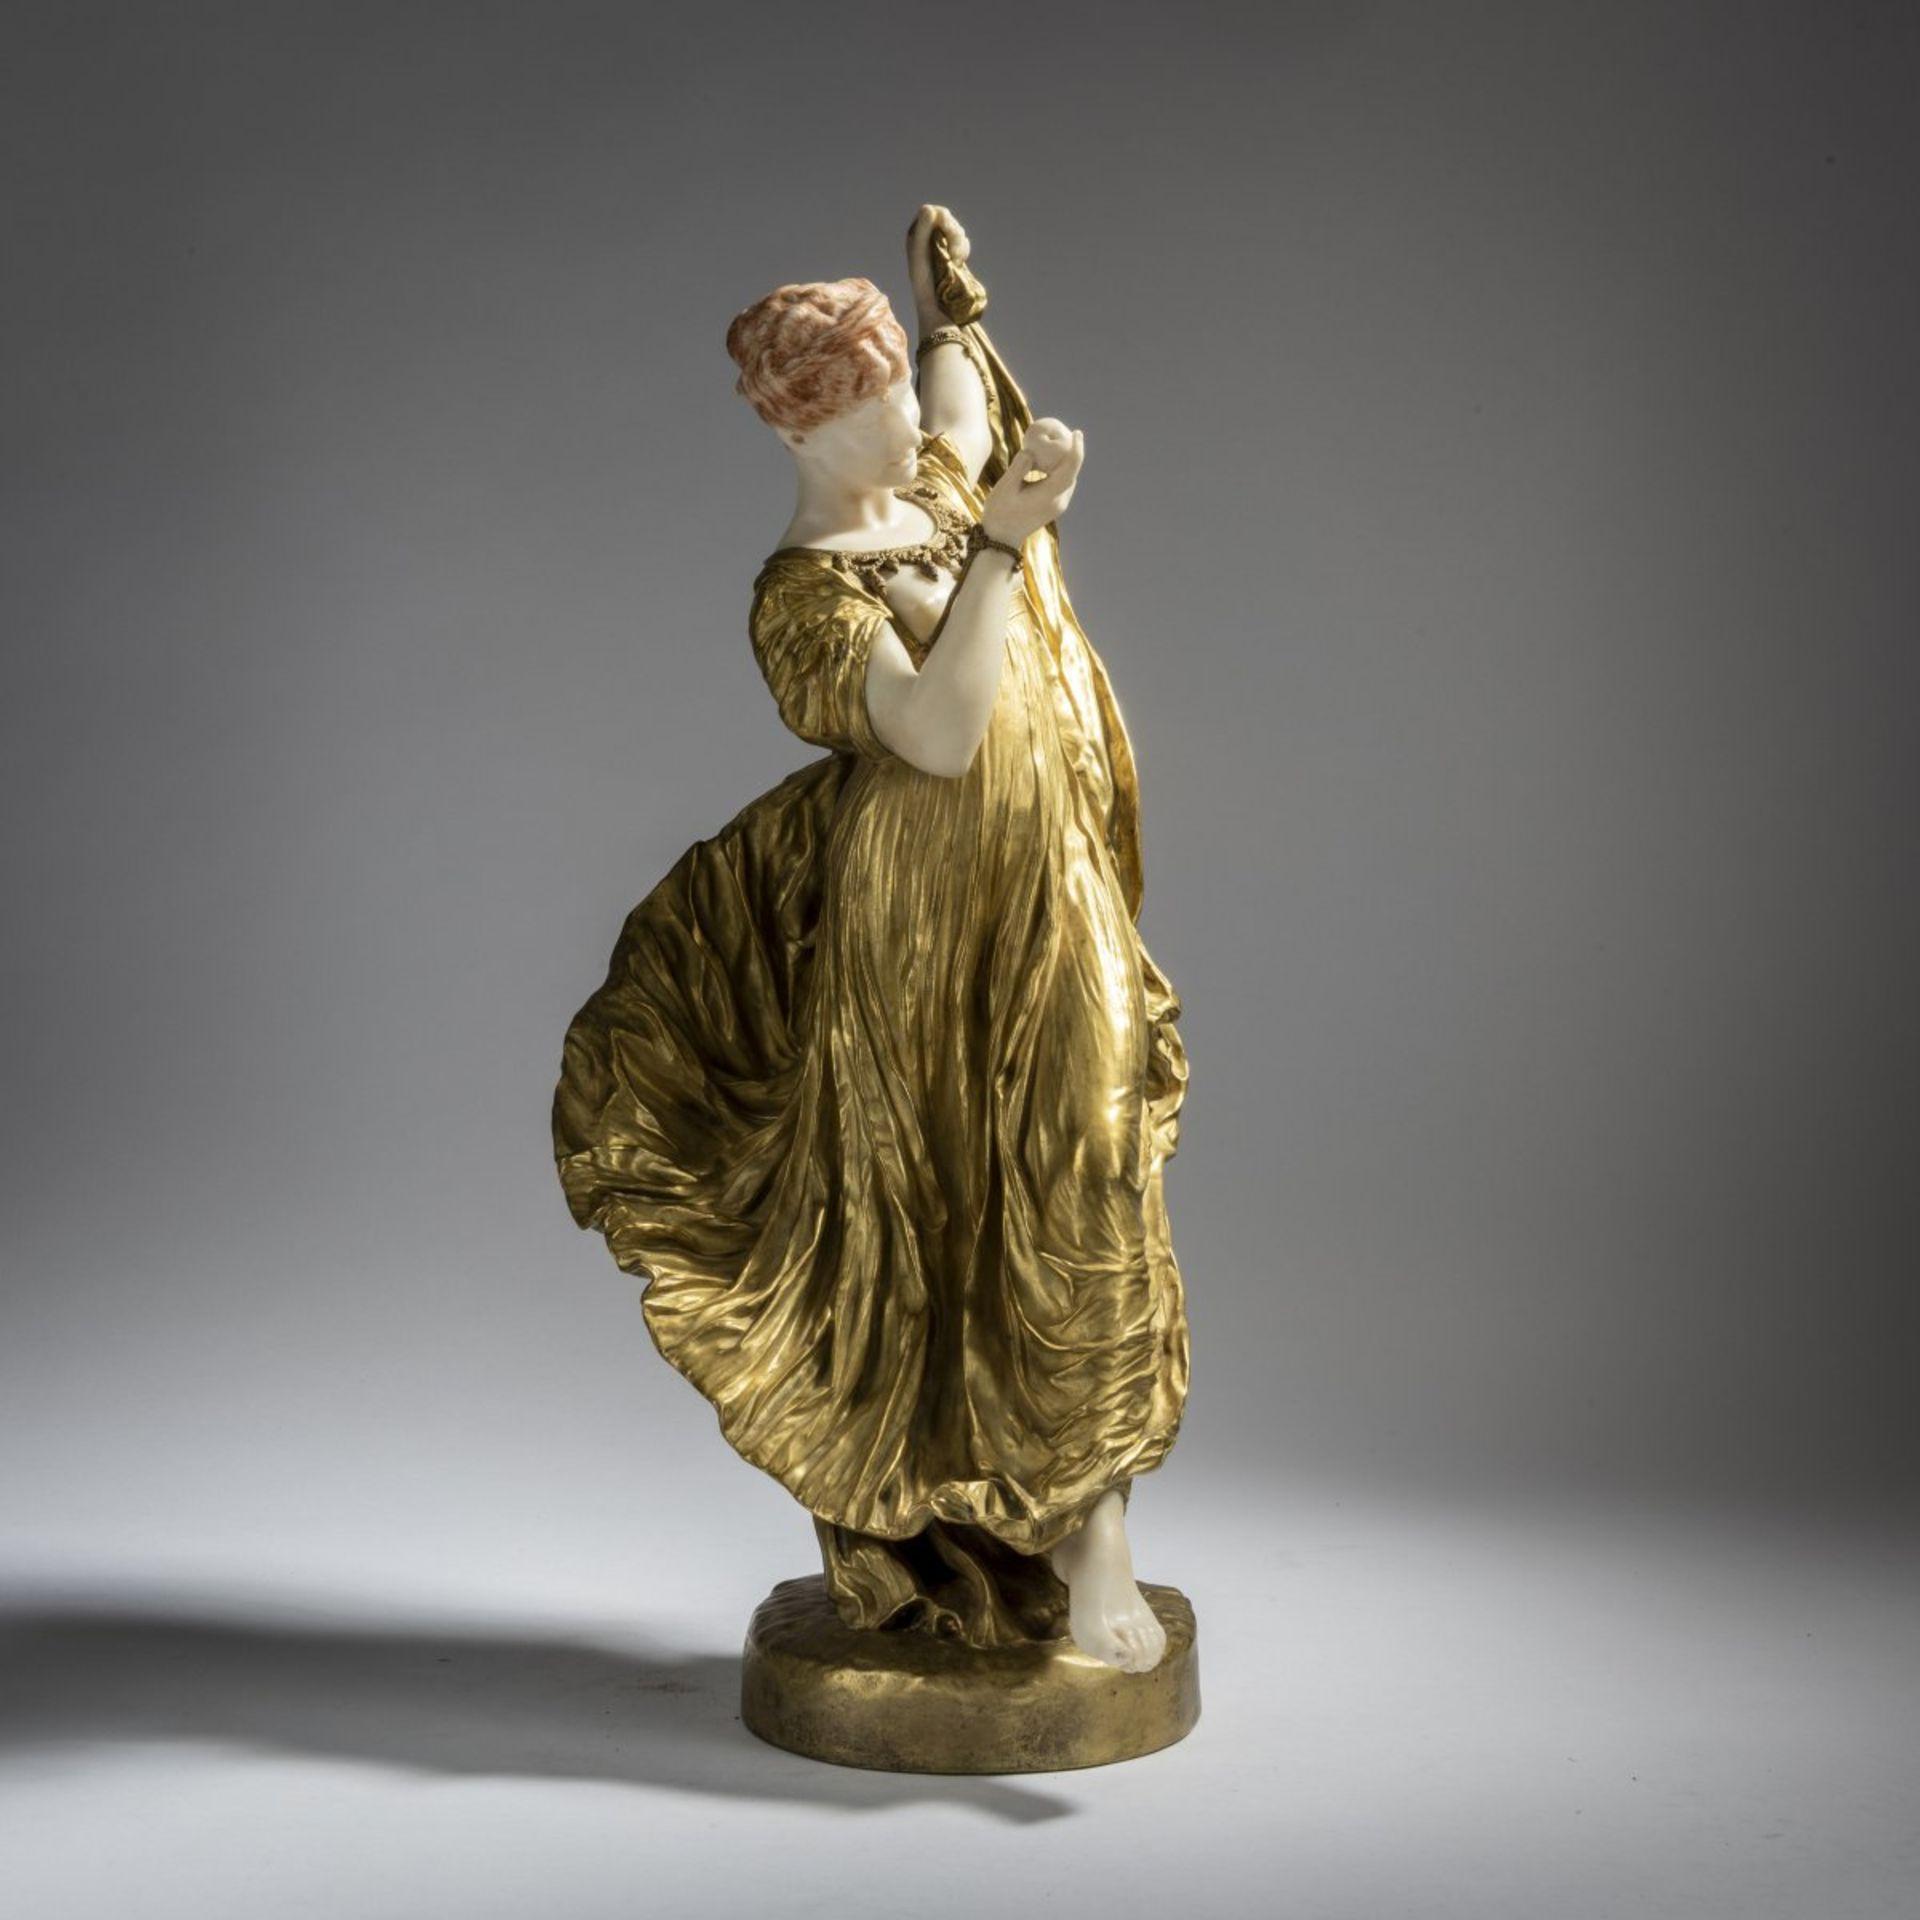 Jean-Léon Gérôme, 'La danseuse à la pomme', 1890 - Bild 6 aus 8